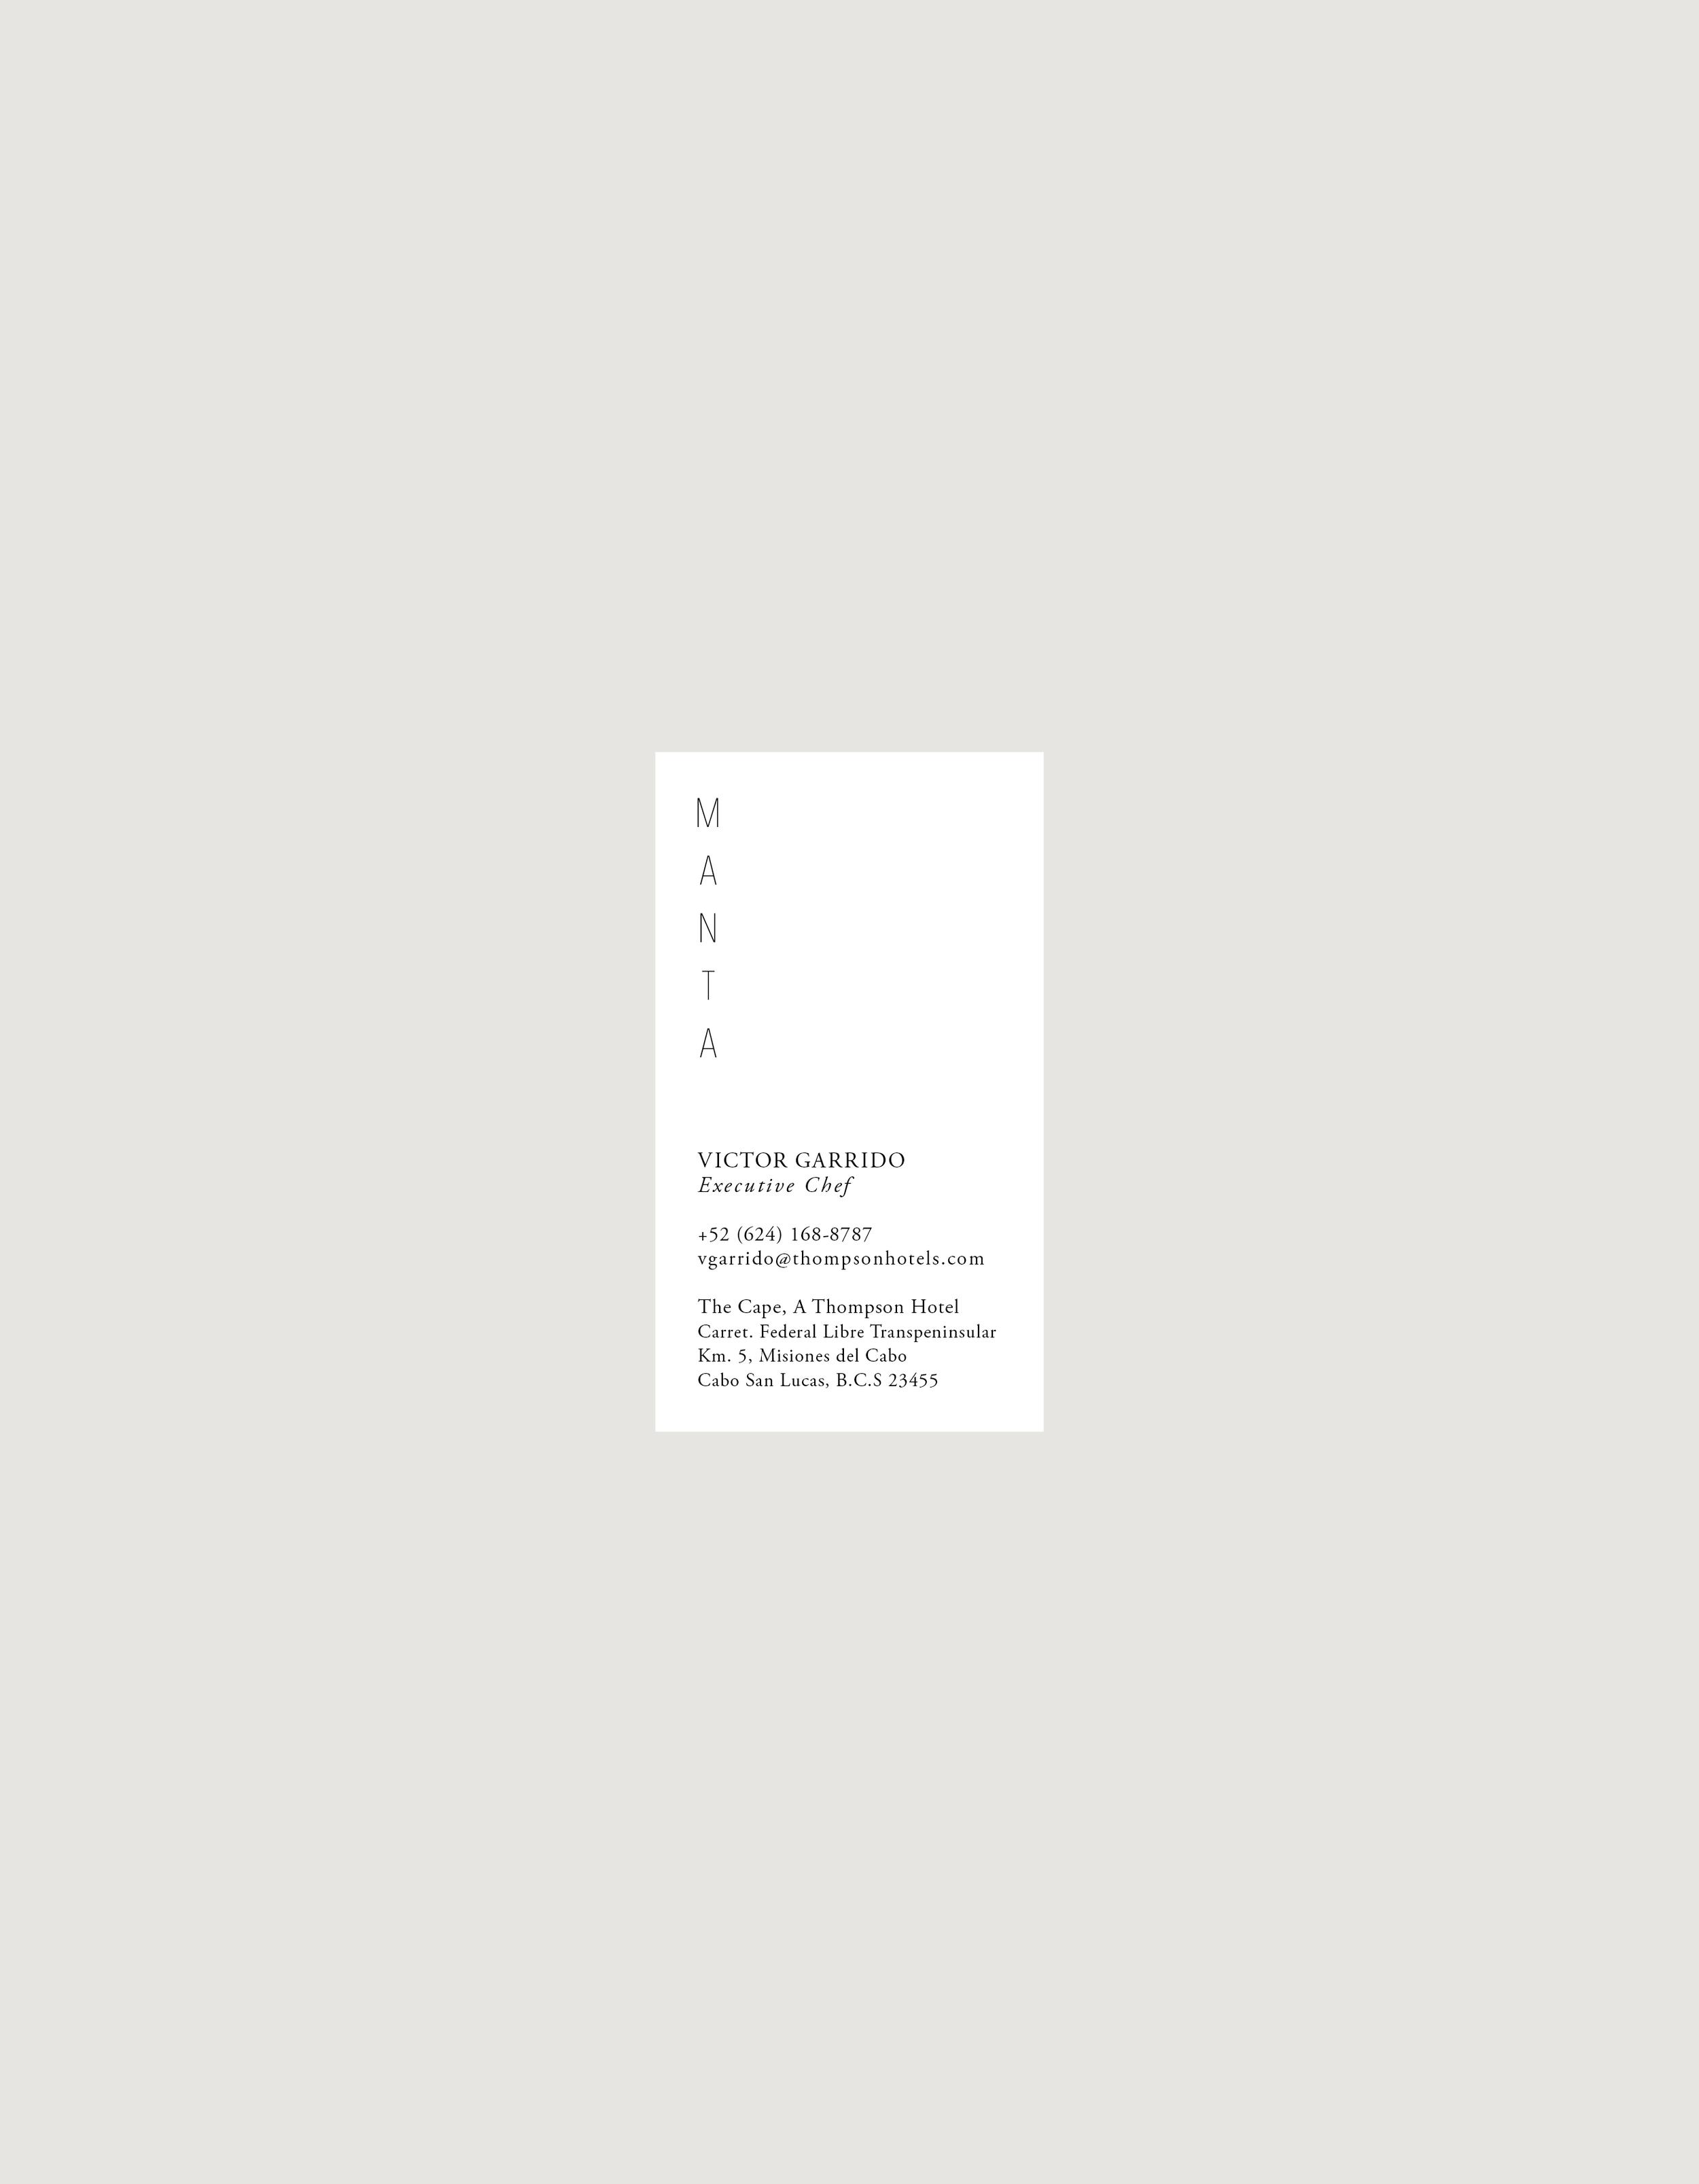 manta-pdf-3.jpg